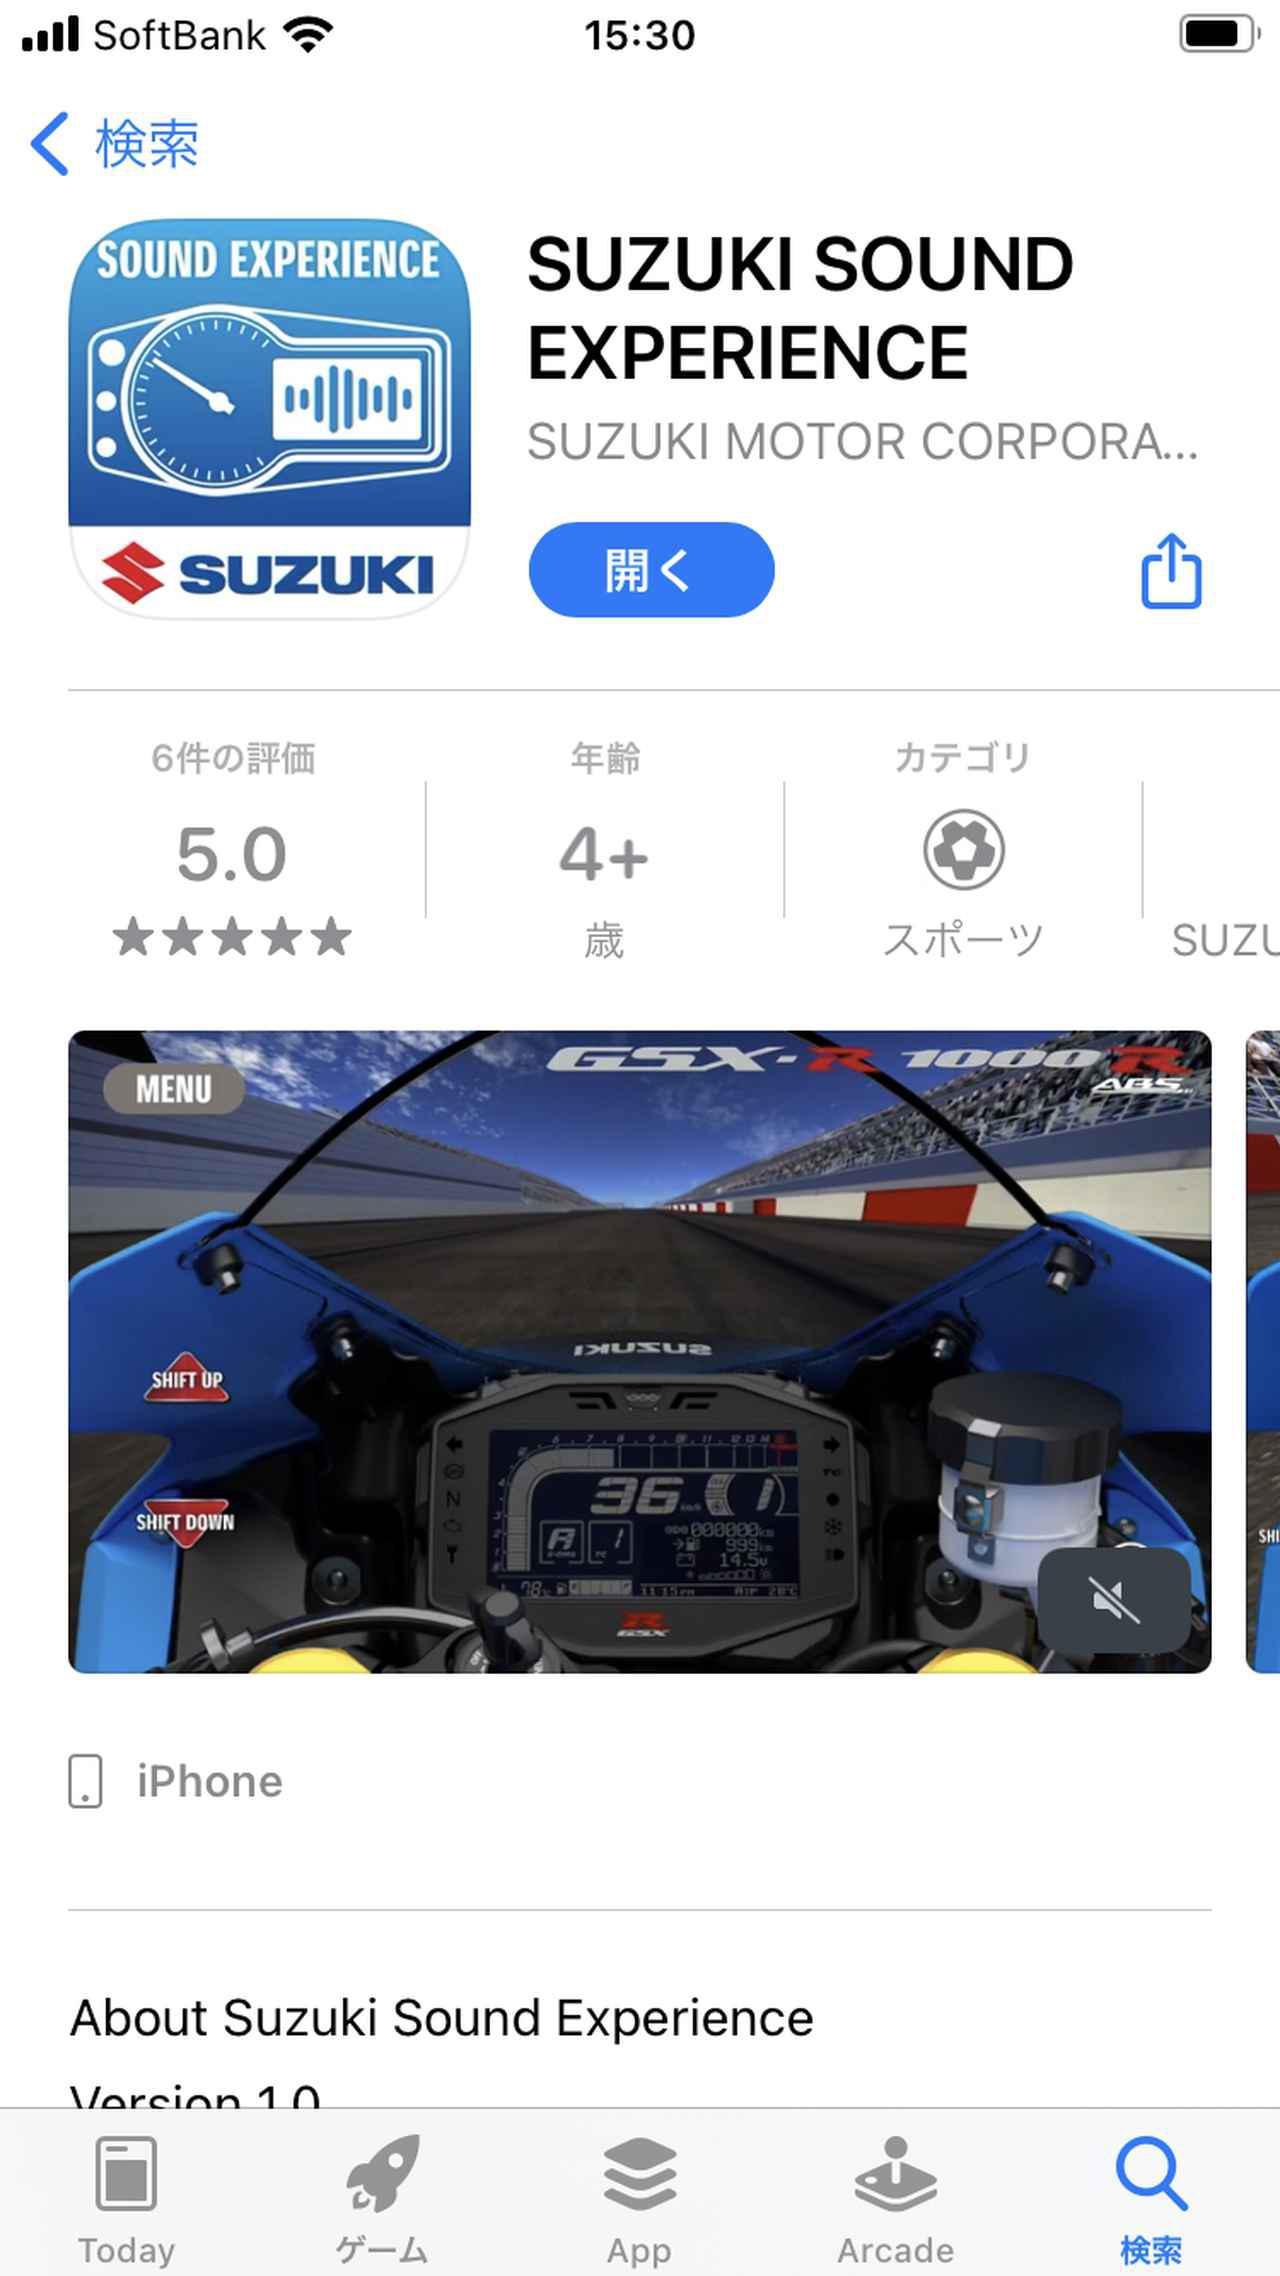 画像: アイコンはこのマークが目印『Suzuki Sound Experience』